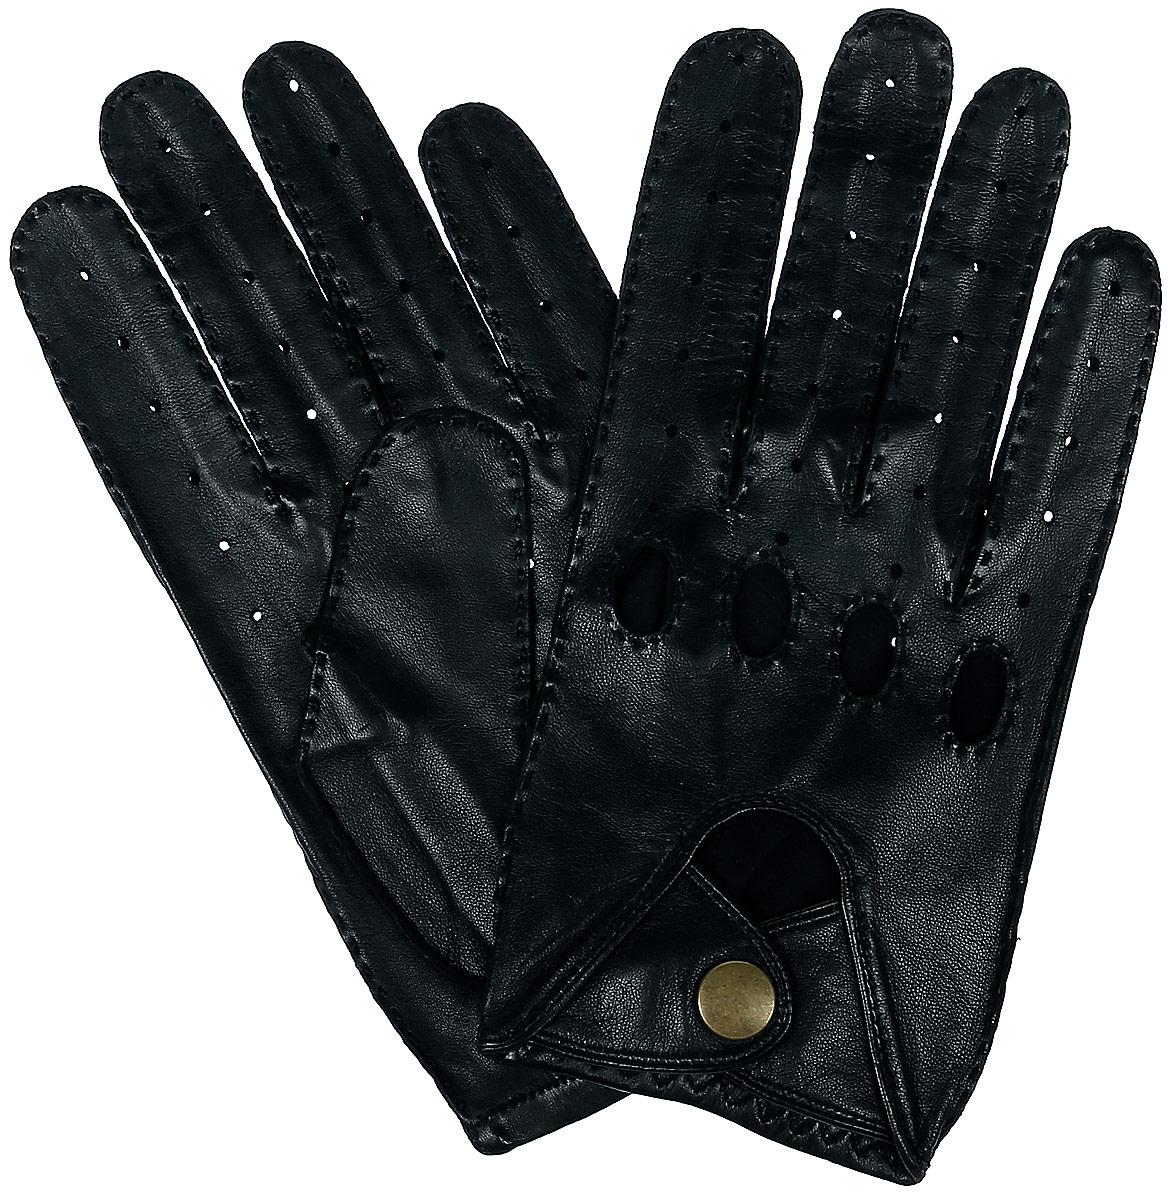 ALM1/BL//11Стильные автомобильные перчатки позволяют сделать управление автомобилем максимально комфортным и безопасным. Изготовлены перчатки из натуральной кожи и дополнены с внешней стороны хлястиком на кнопке. Летом в перчатках комфортно благодаря специальным вентиляционным отверстиям и перфорации, зимой - холодный руль больше не доставит неудобств.